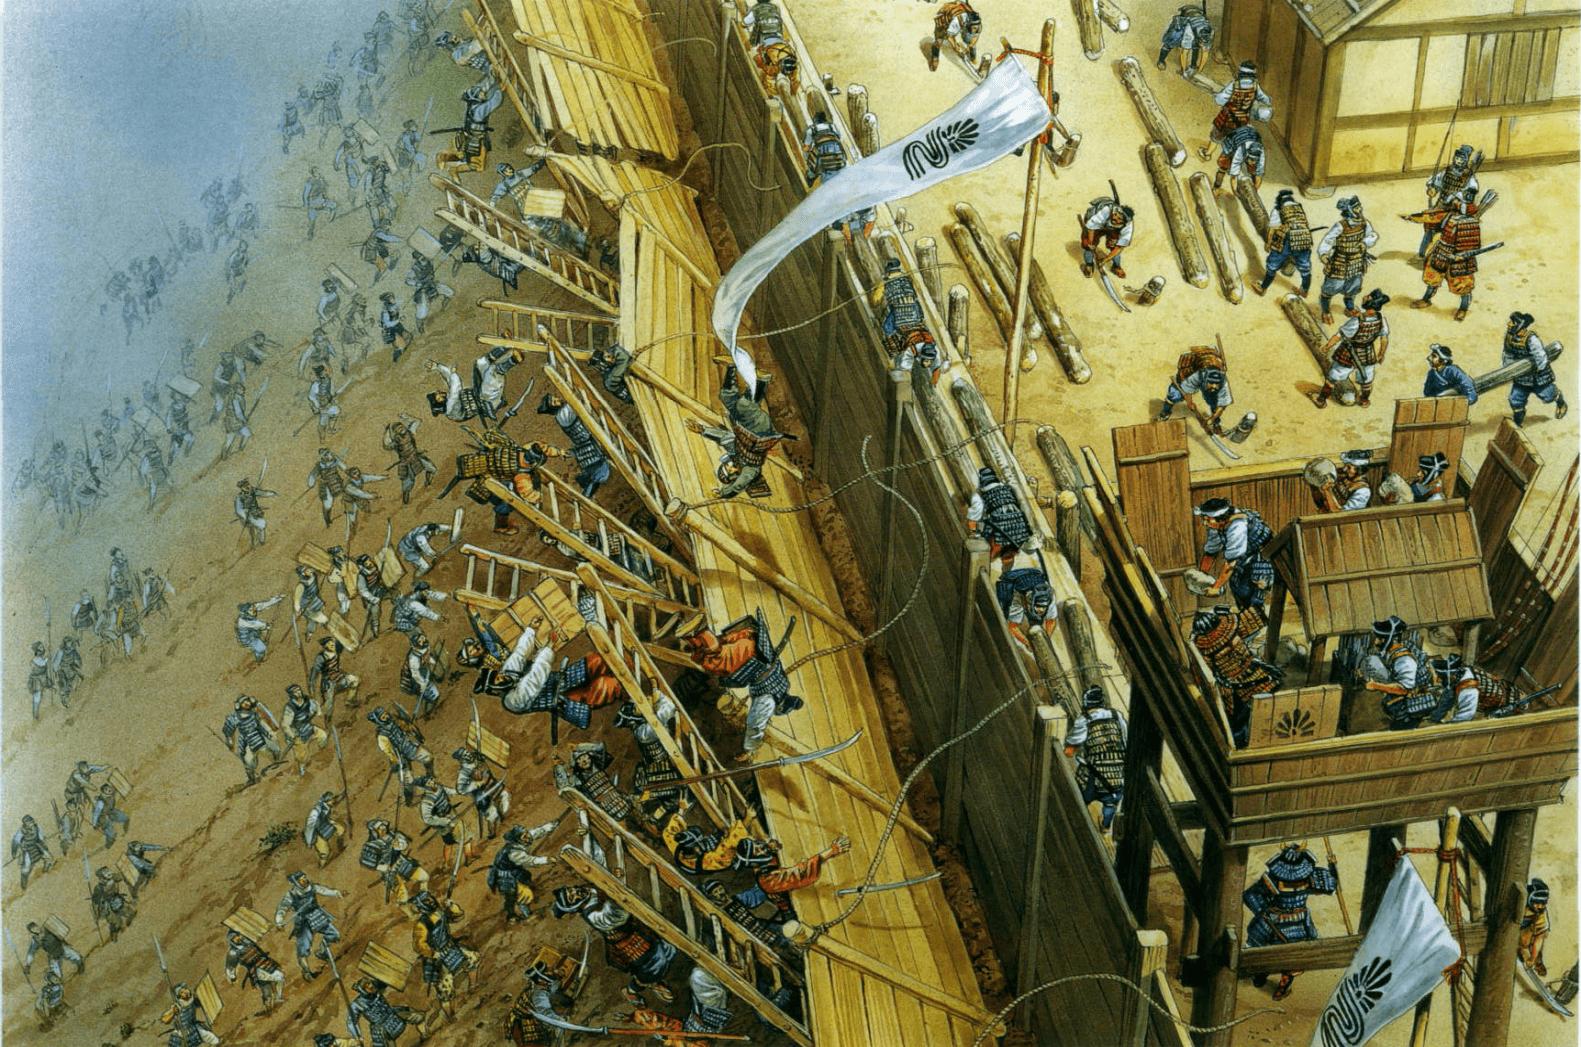 Guerra Genko y caída del shogunato de Kamakura (1331-33) - Arre caballo!